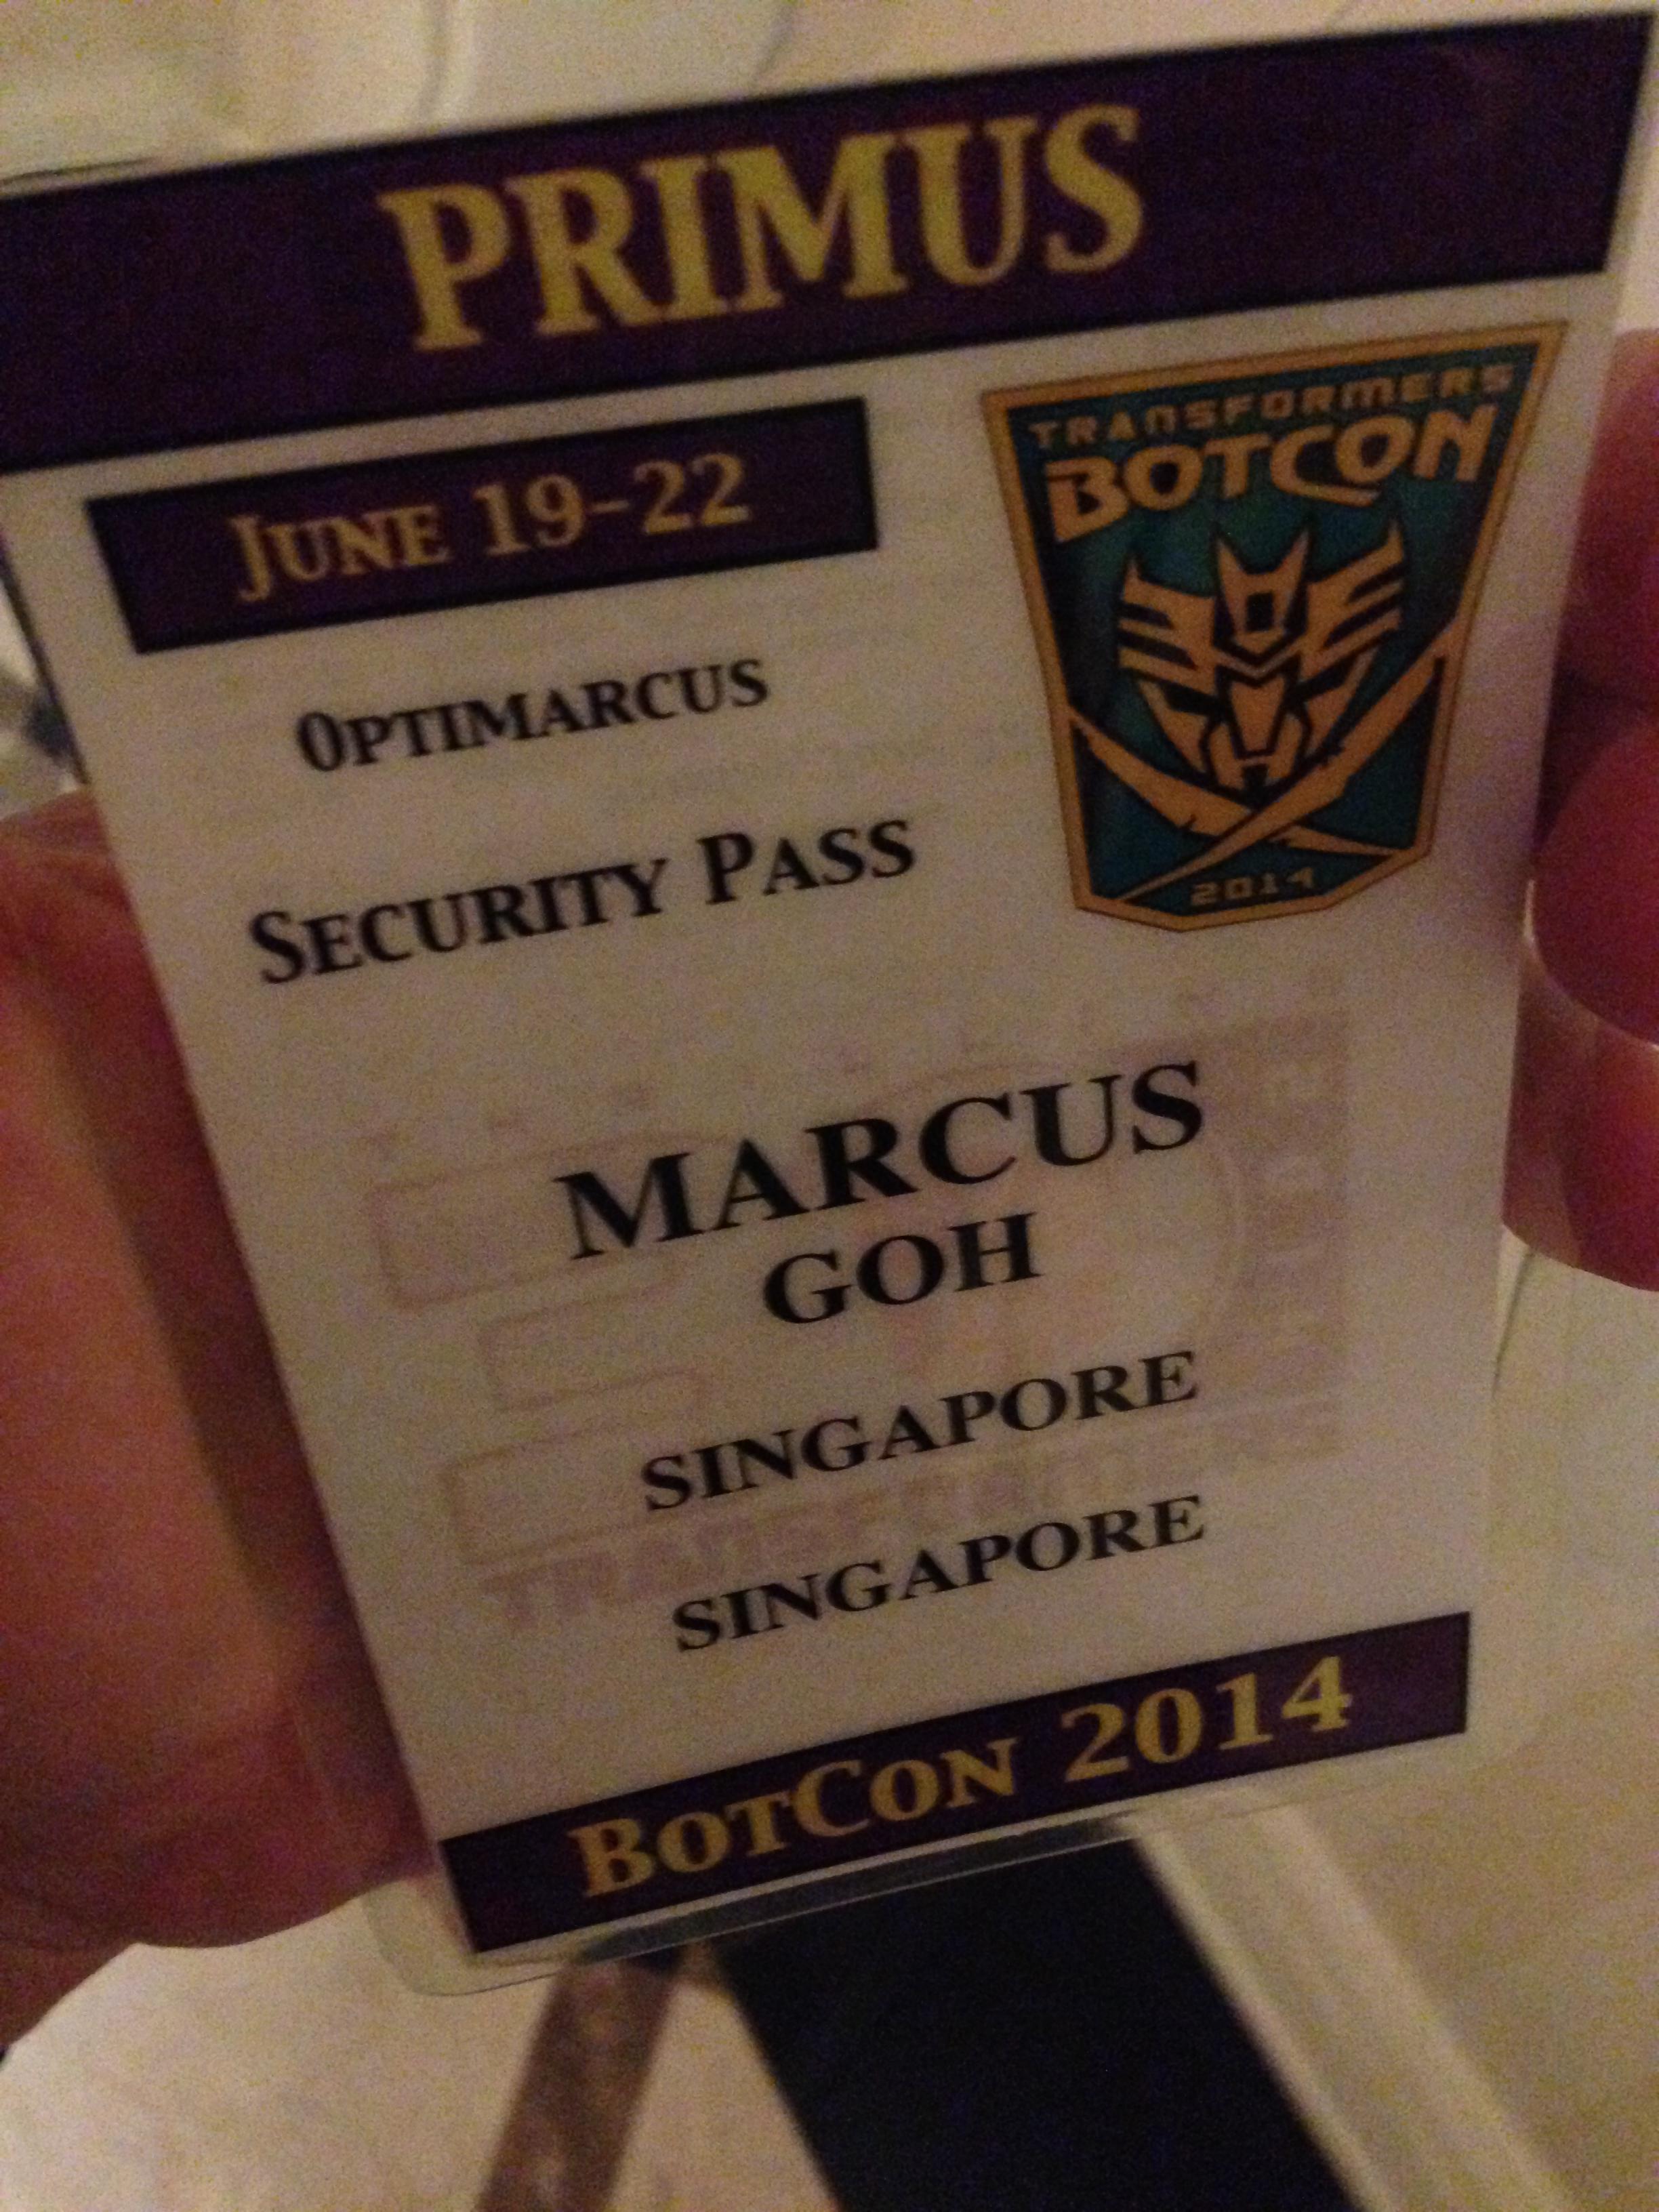 My pass!